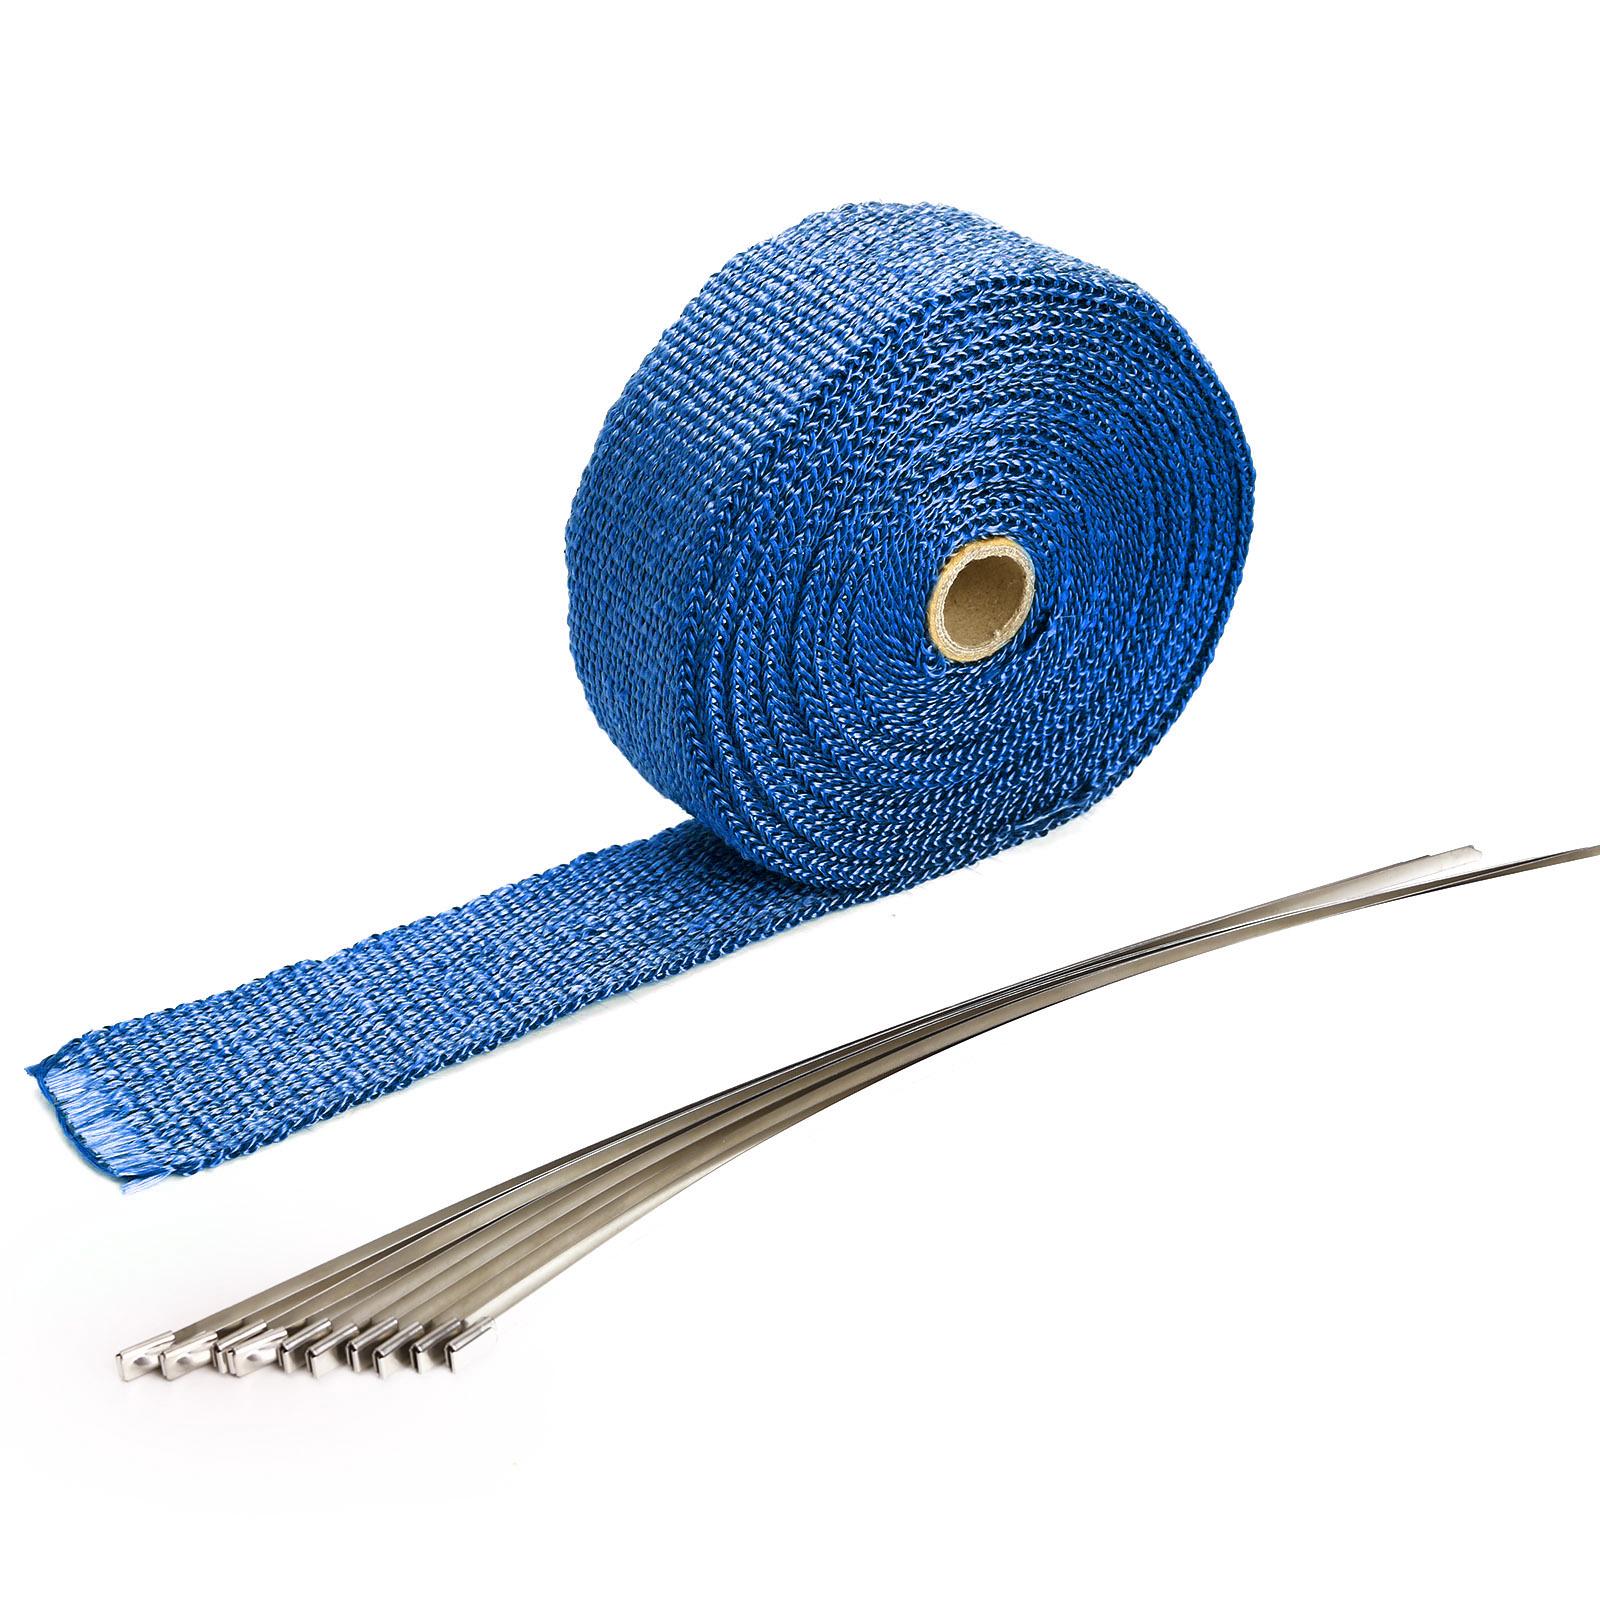 bande thermique tissu isolant collecteur echappement moto fitre verre 10m bleu ebay. Black Bedroom Furniture Sets. Home Design Ideas